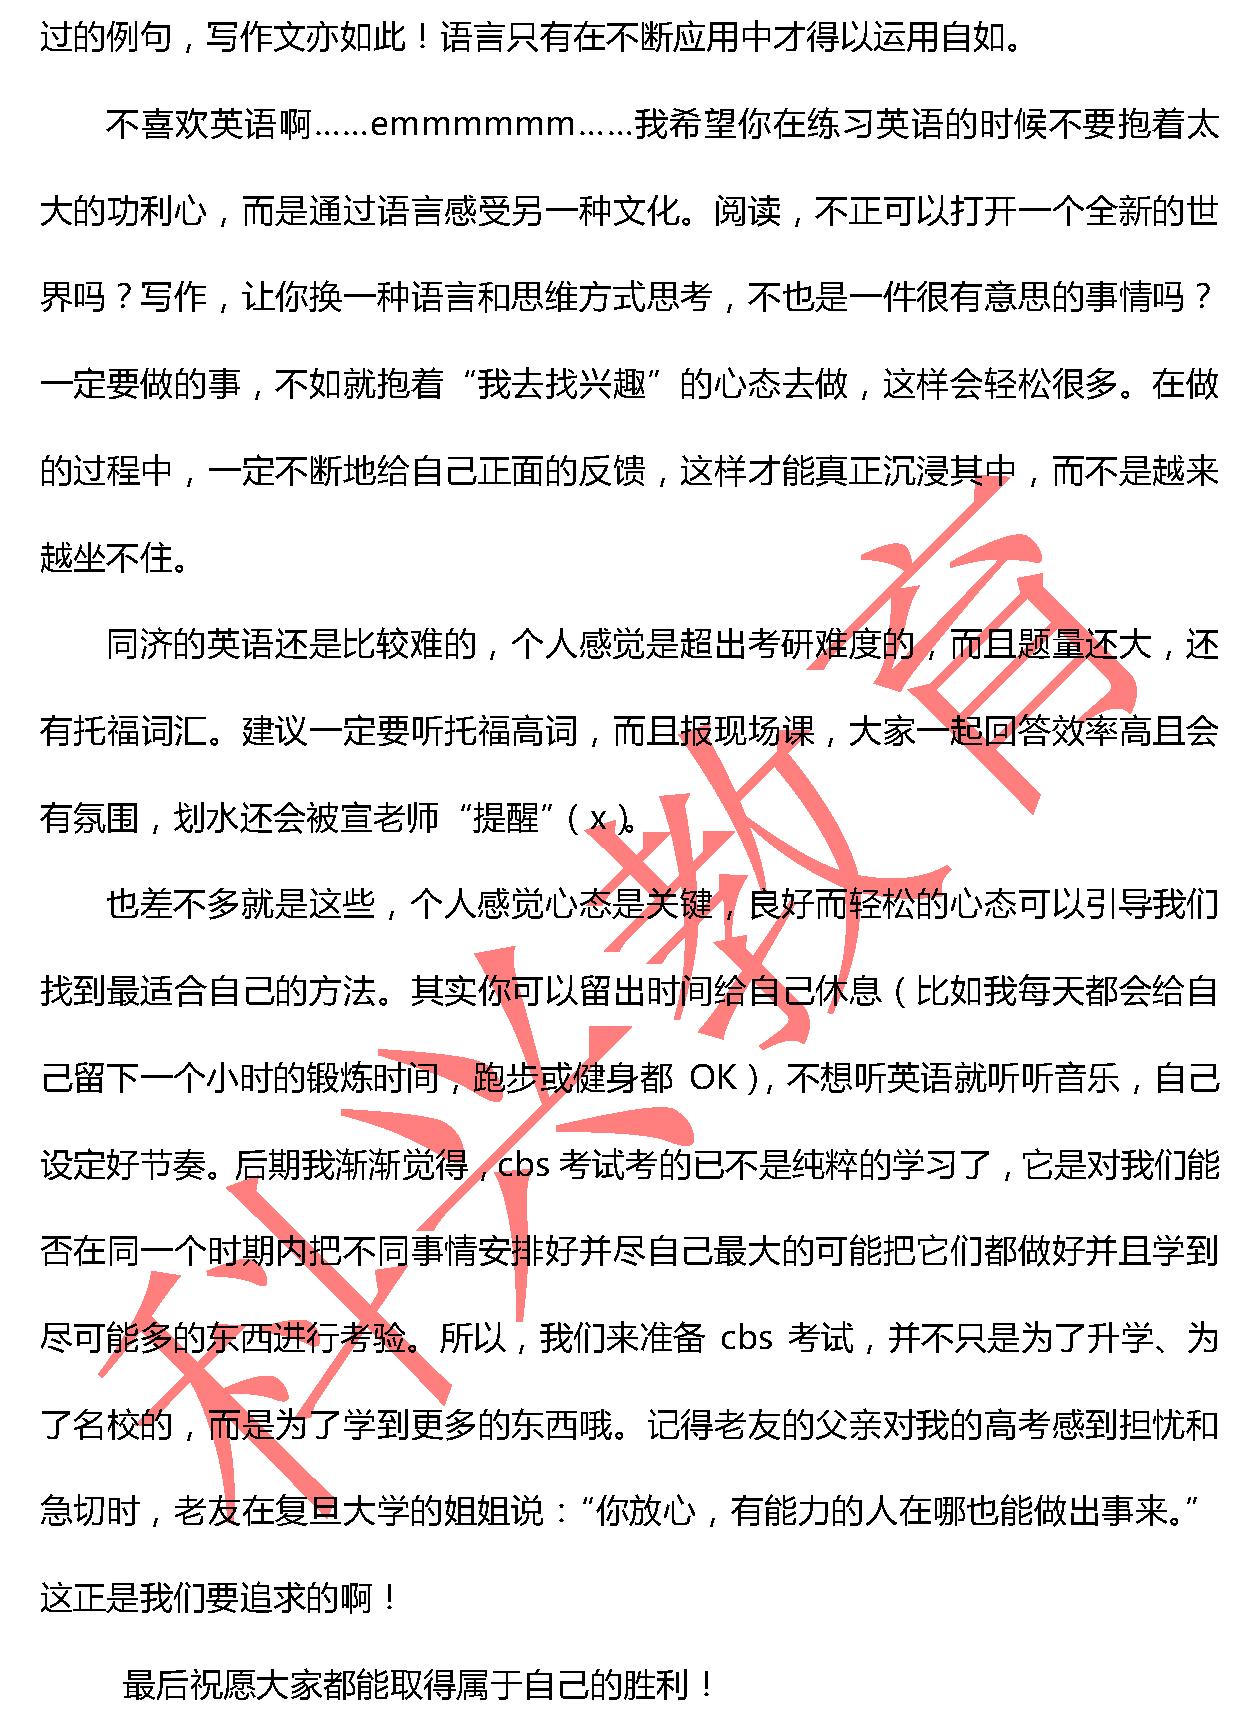 同济路卓尔:cbs心得体会(18届)